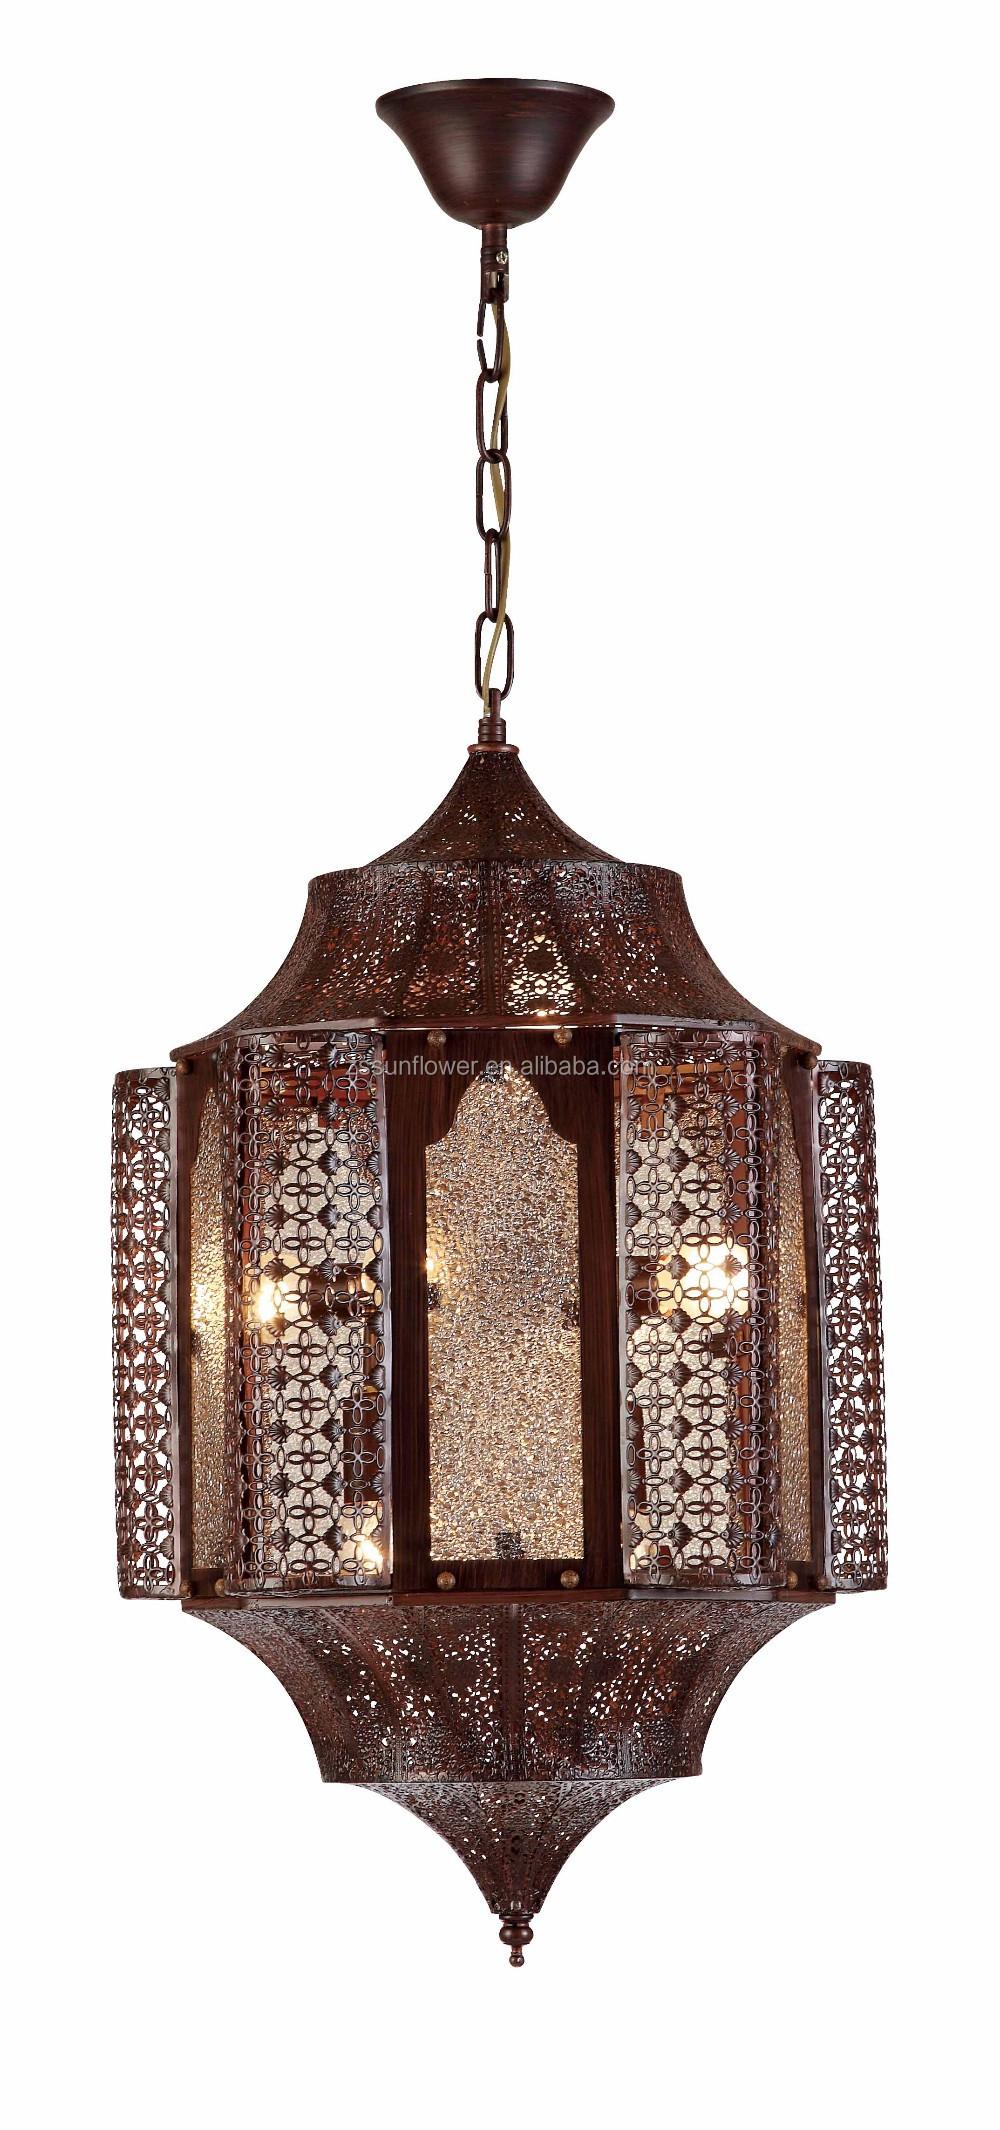 lampu islam png lampu islam png